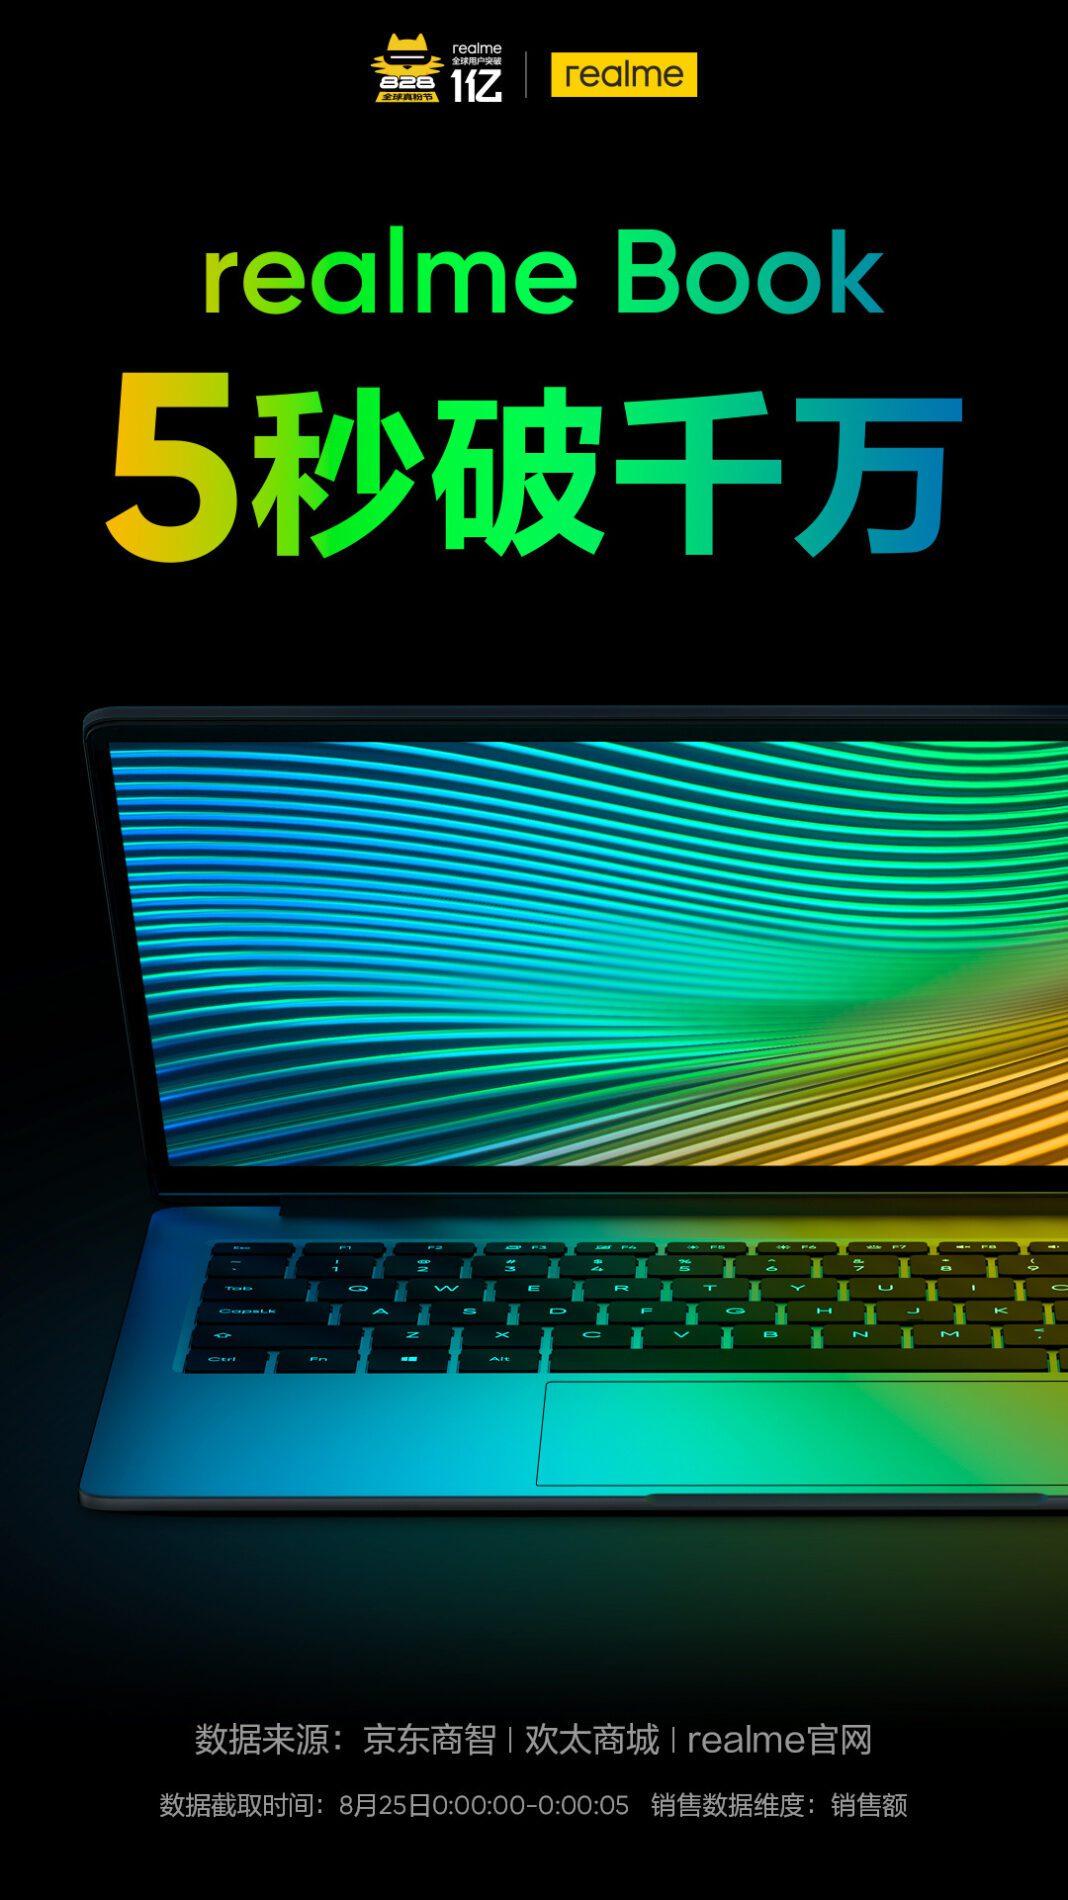 В ходе первой продажи Realme Book в Китае было продано продуктов на 10 миллионов юаней